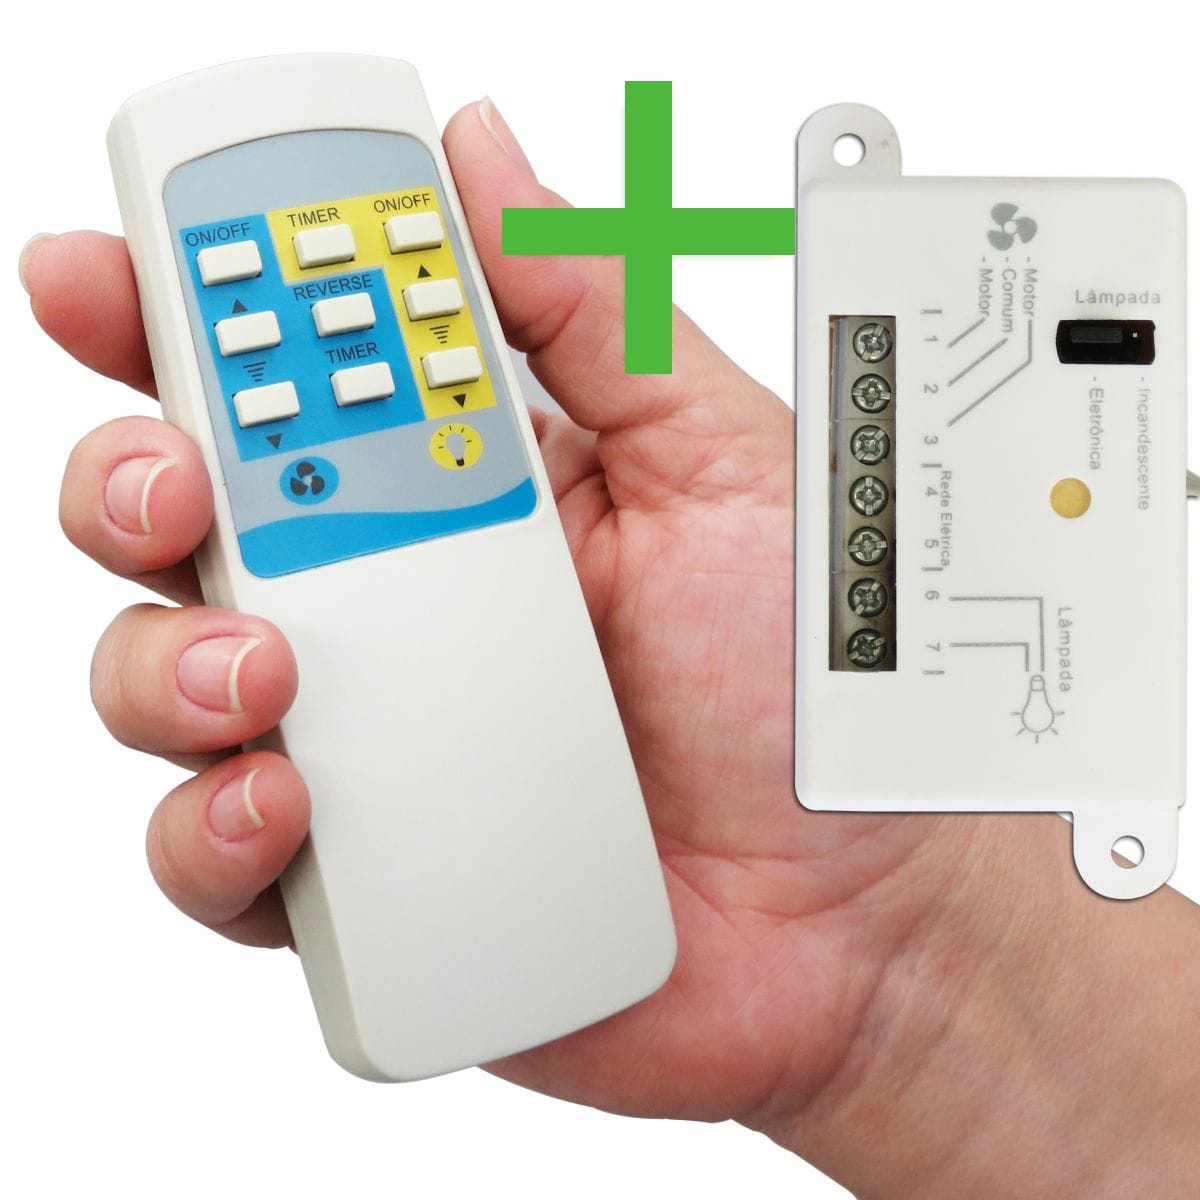 d262fe321 Controle Remoto Universal Wireless P  Ventilador De Teto - Completo ...